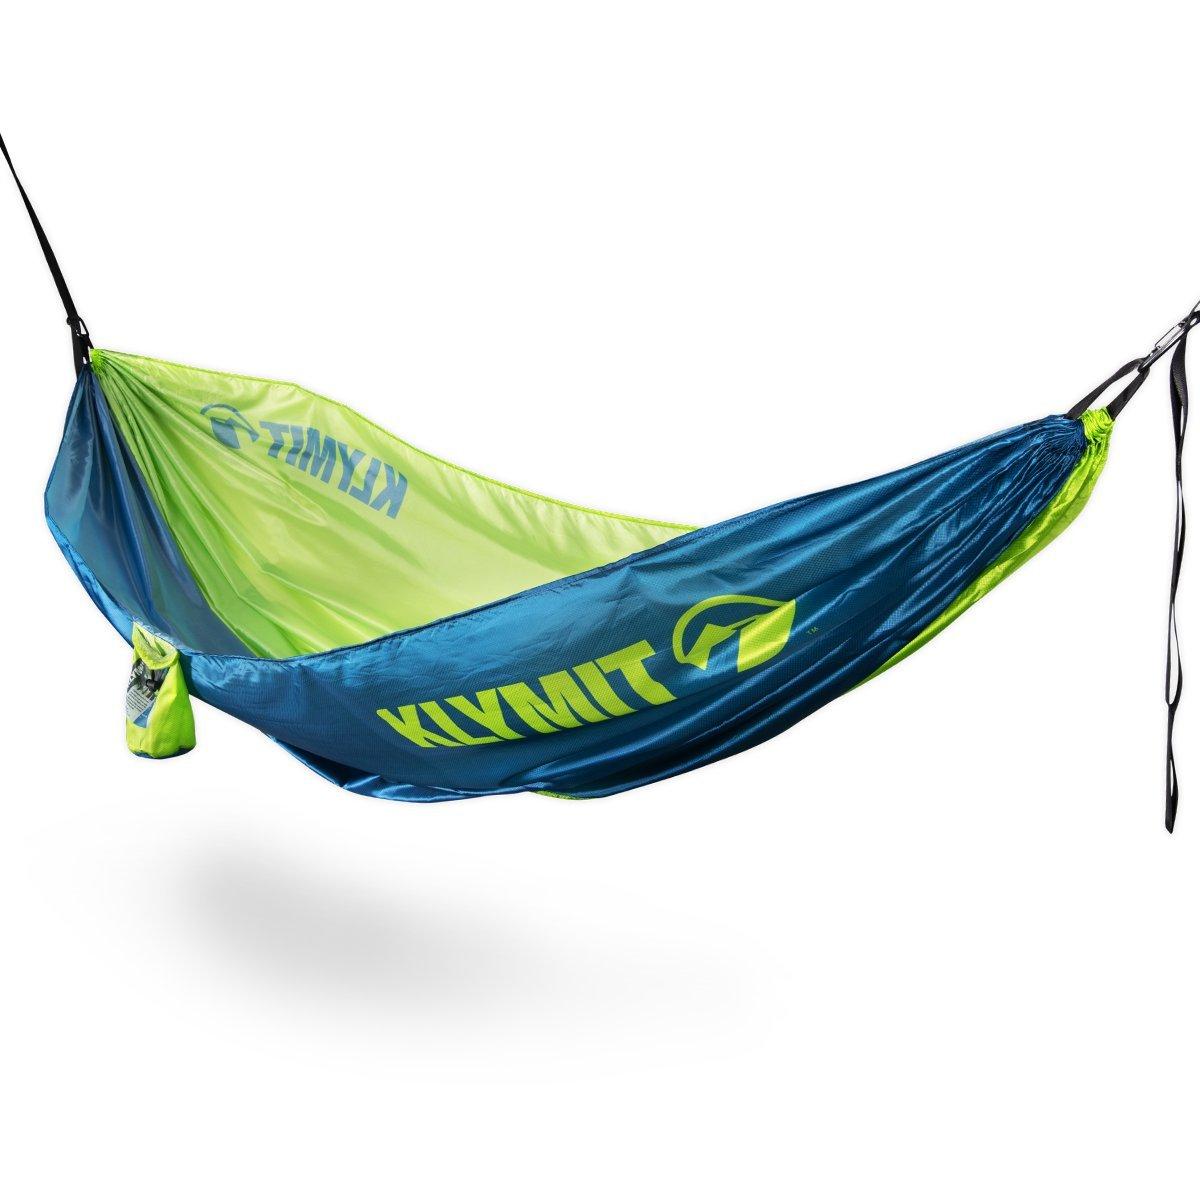 Klymit Aufblasbare Outdoor Campingmatte Luftmatratze Traverse Hängematte mit Baum Gurte (Neu für 2018), Blau/Grün, Doppelte